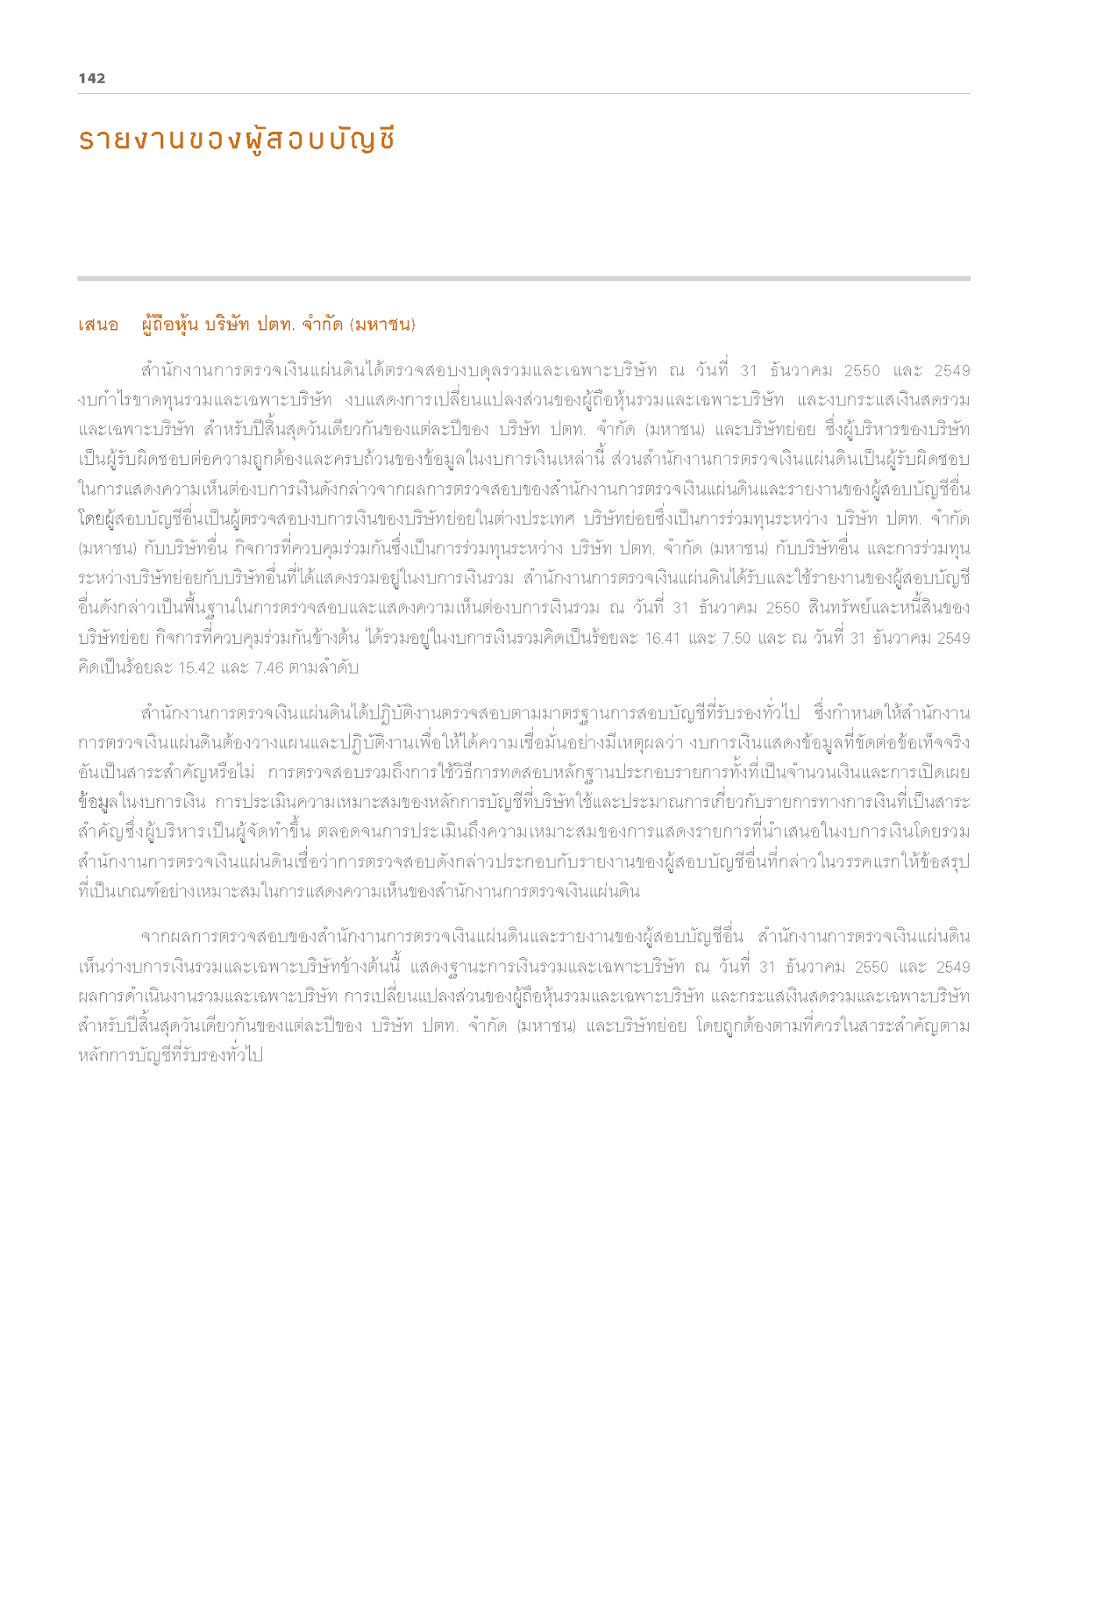 หนังสือรับรองรายงานการเงินปี50p1 โดย สตง. ที่แจงต่อผู้ถือหุ้น ปตท.